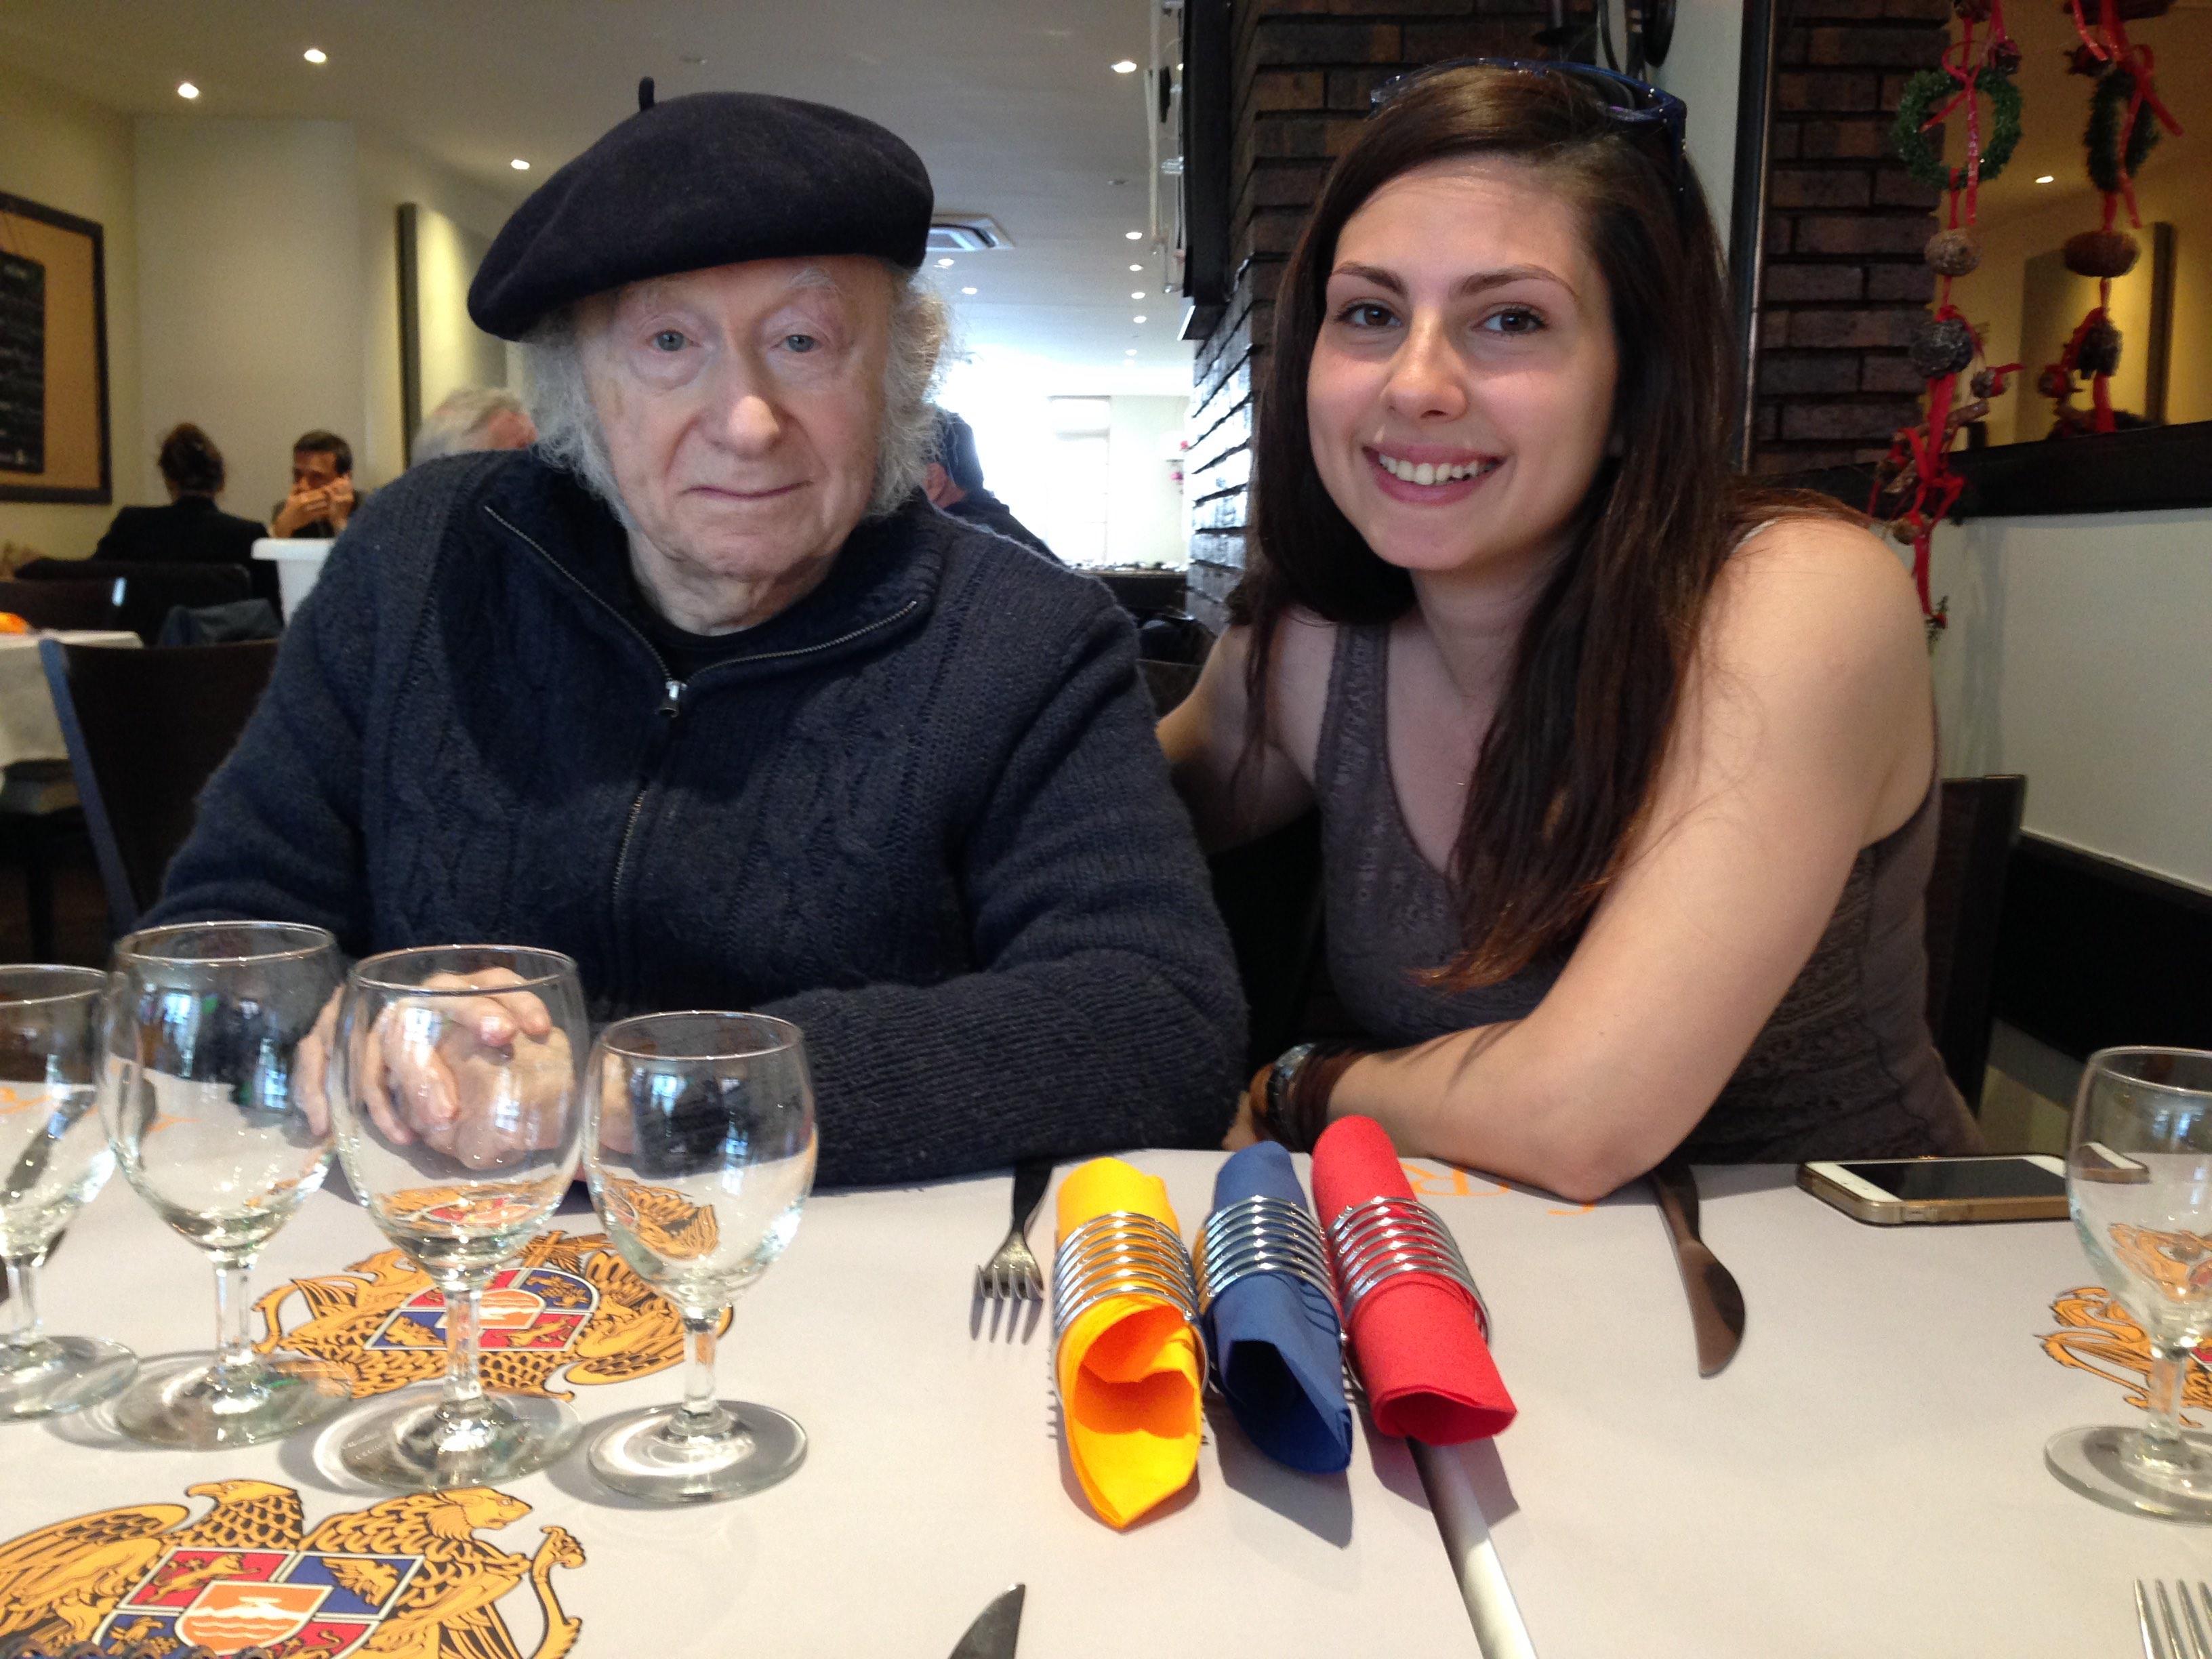 Edgar Hilsenrath with Anna Karabekyan in an Armenian restaurant in Paris, April 2015.